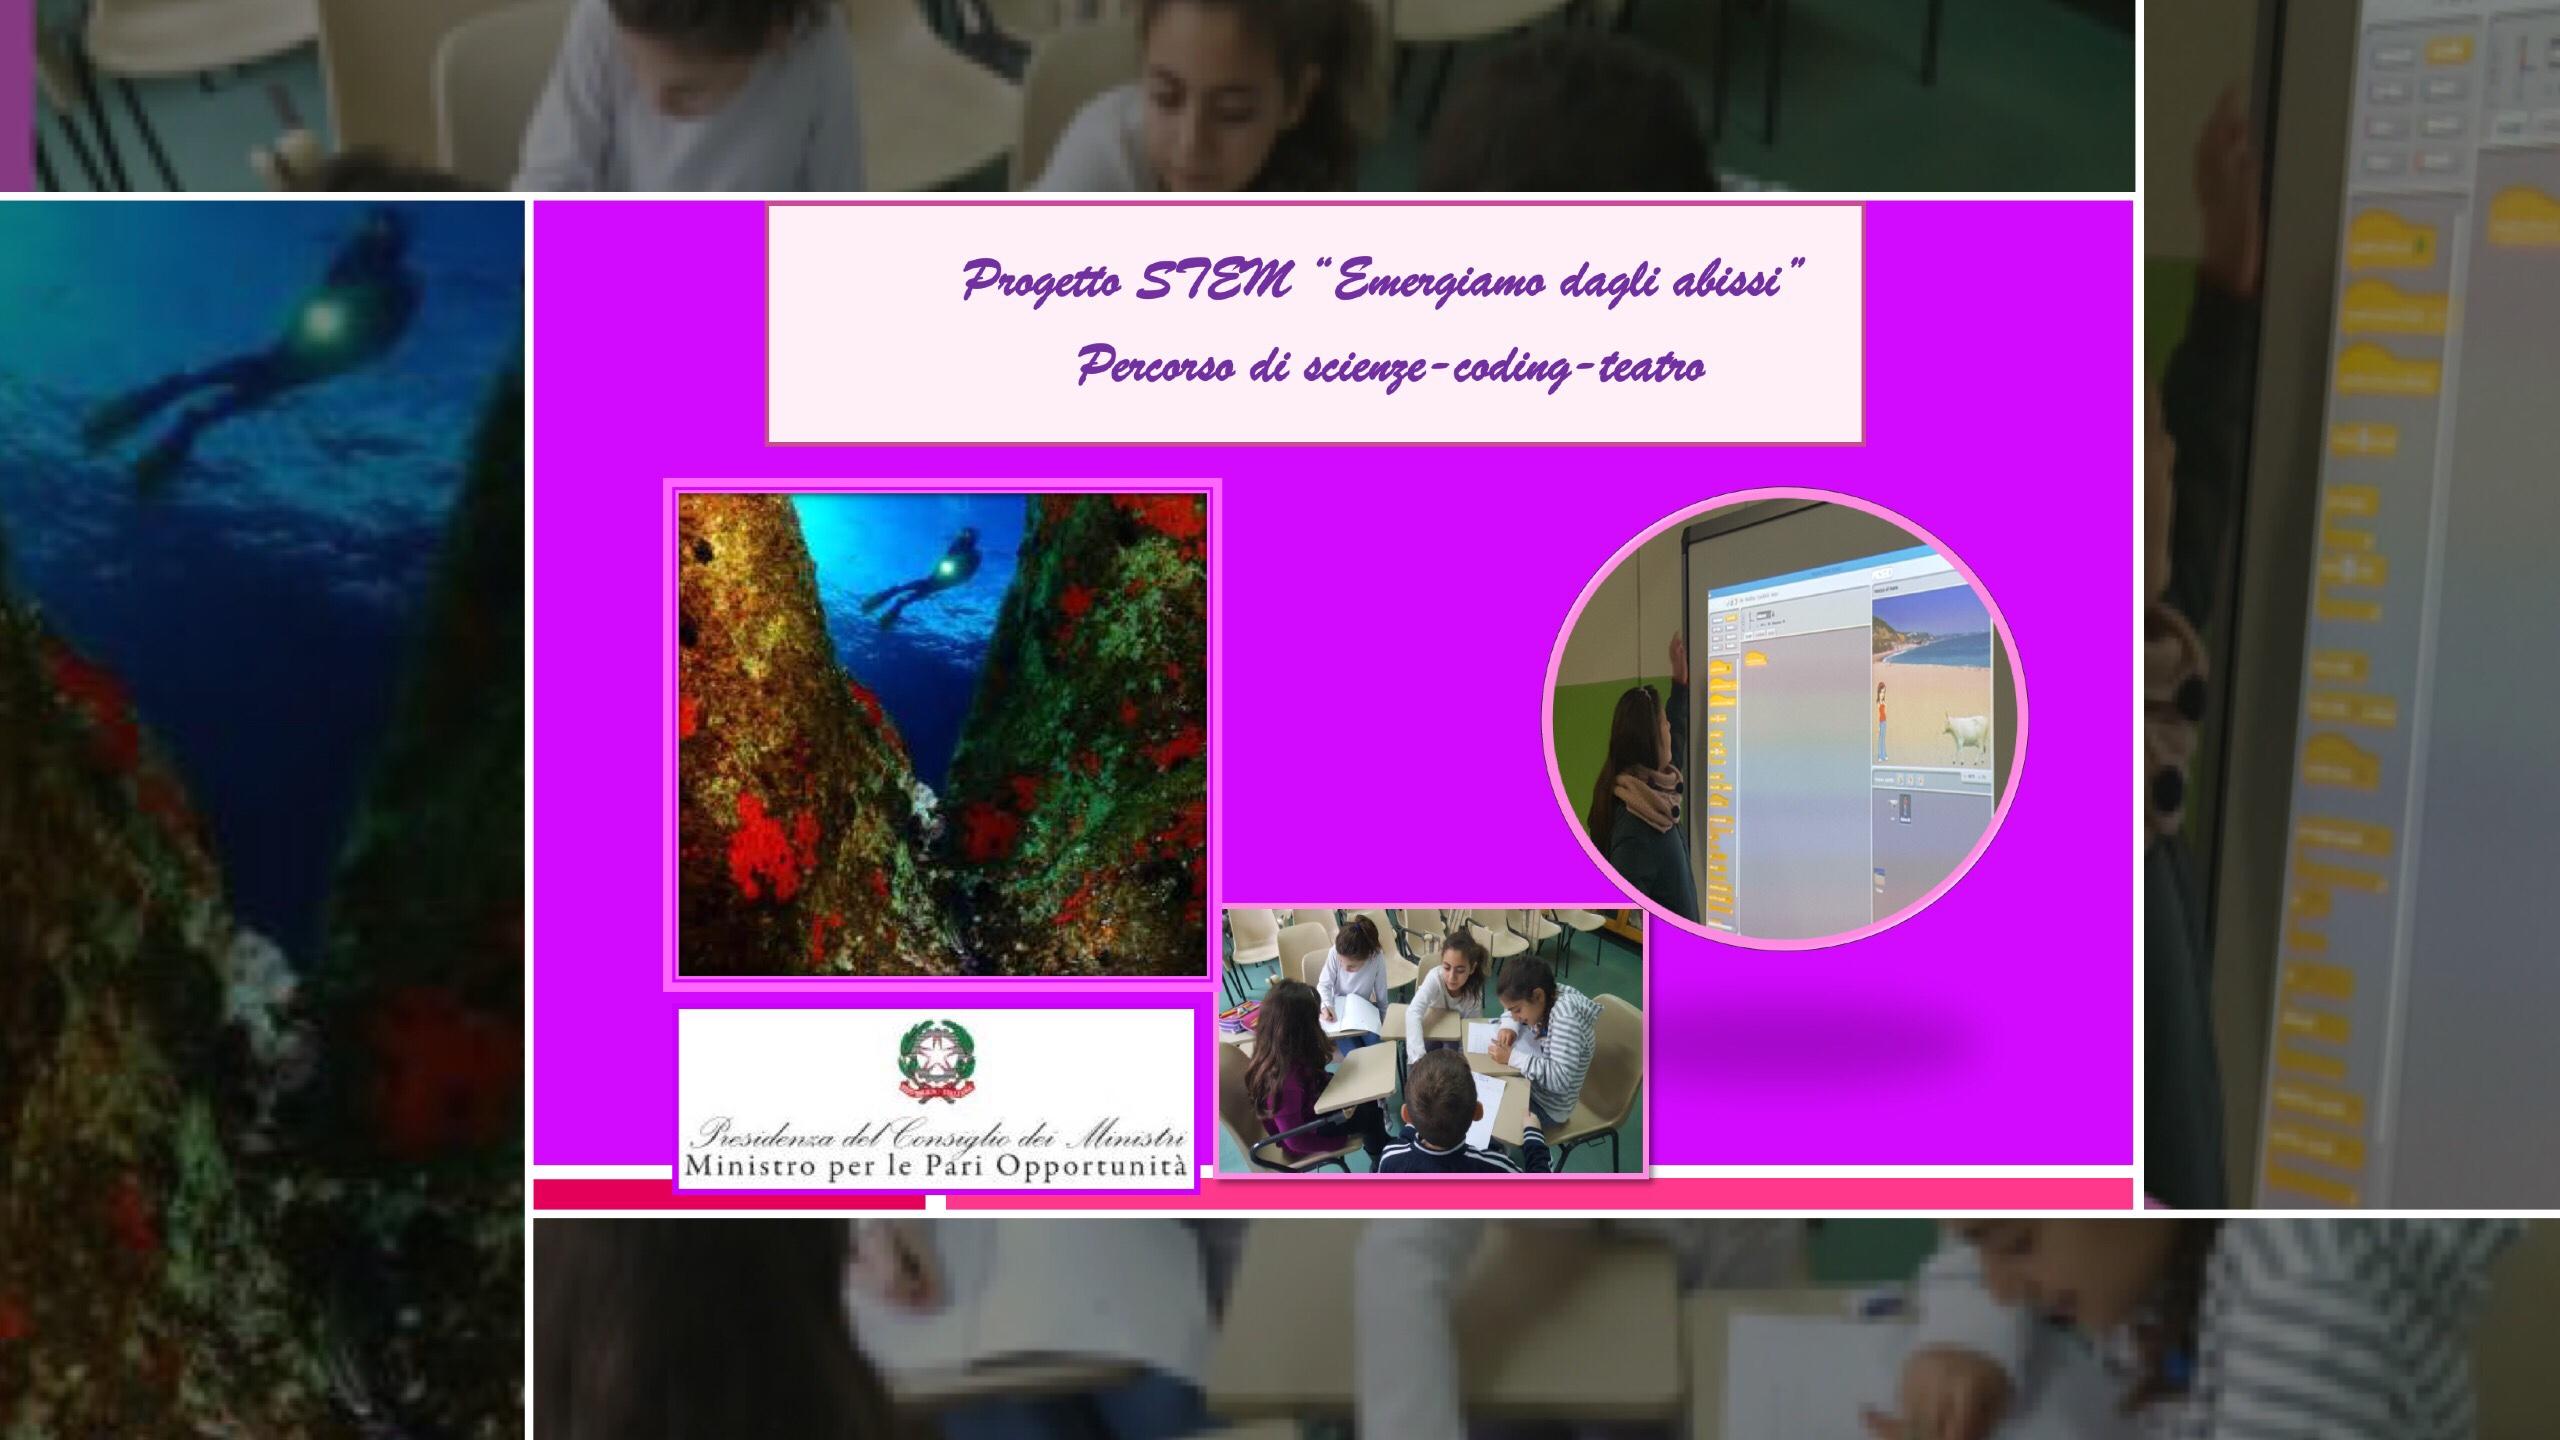 STEM - Emergiamo dagli abissi